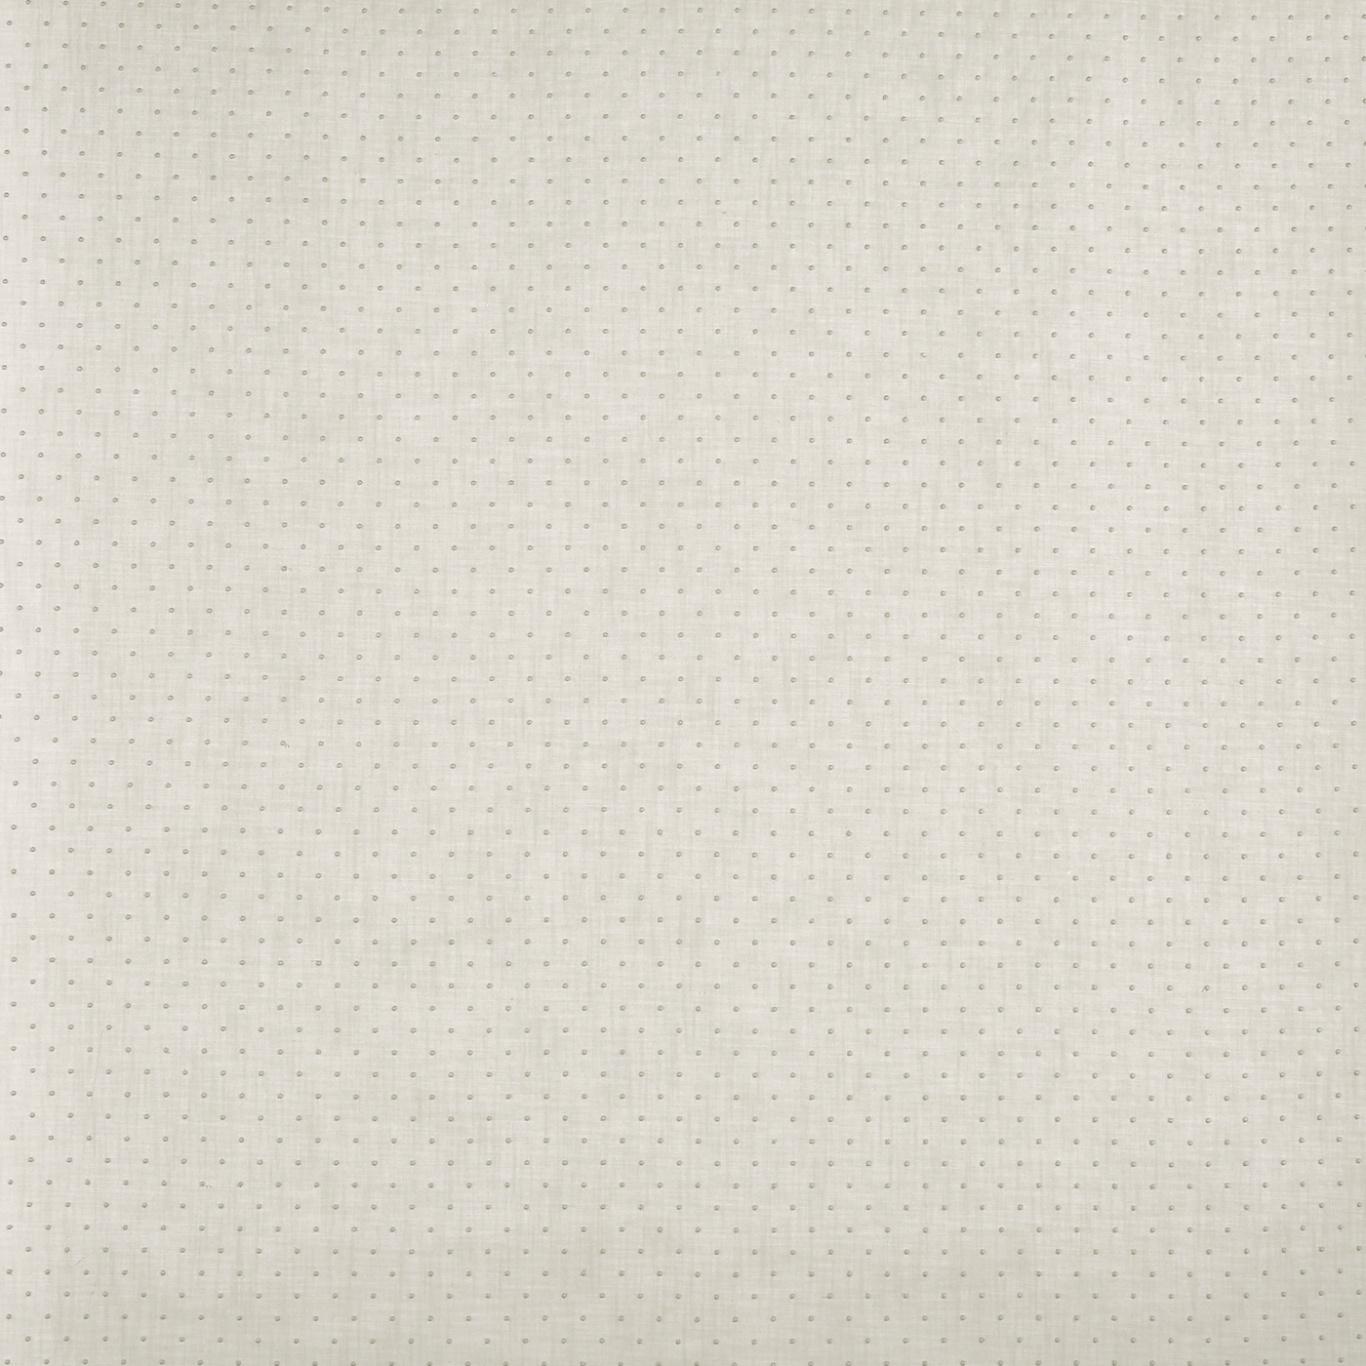 Image of Prestigious Oxford Parchment Fabric 3755/022